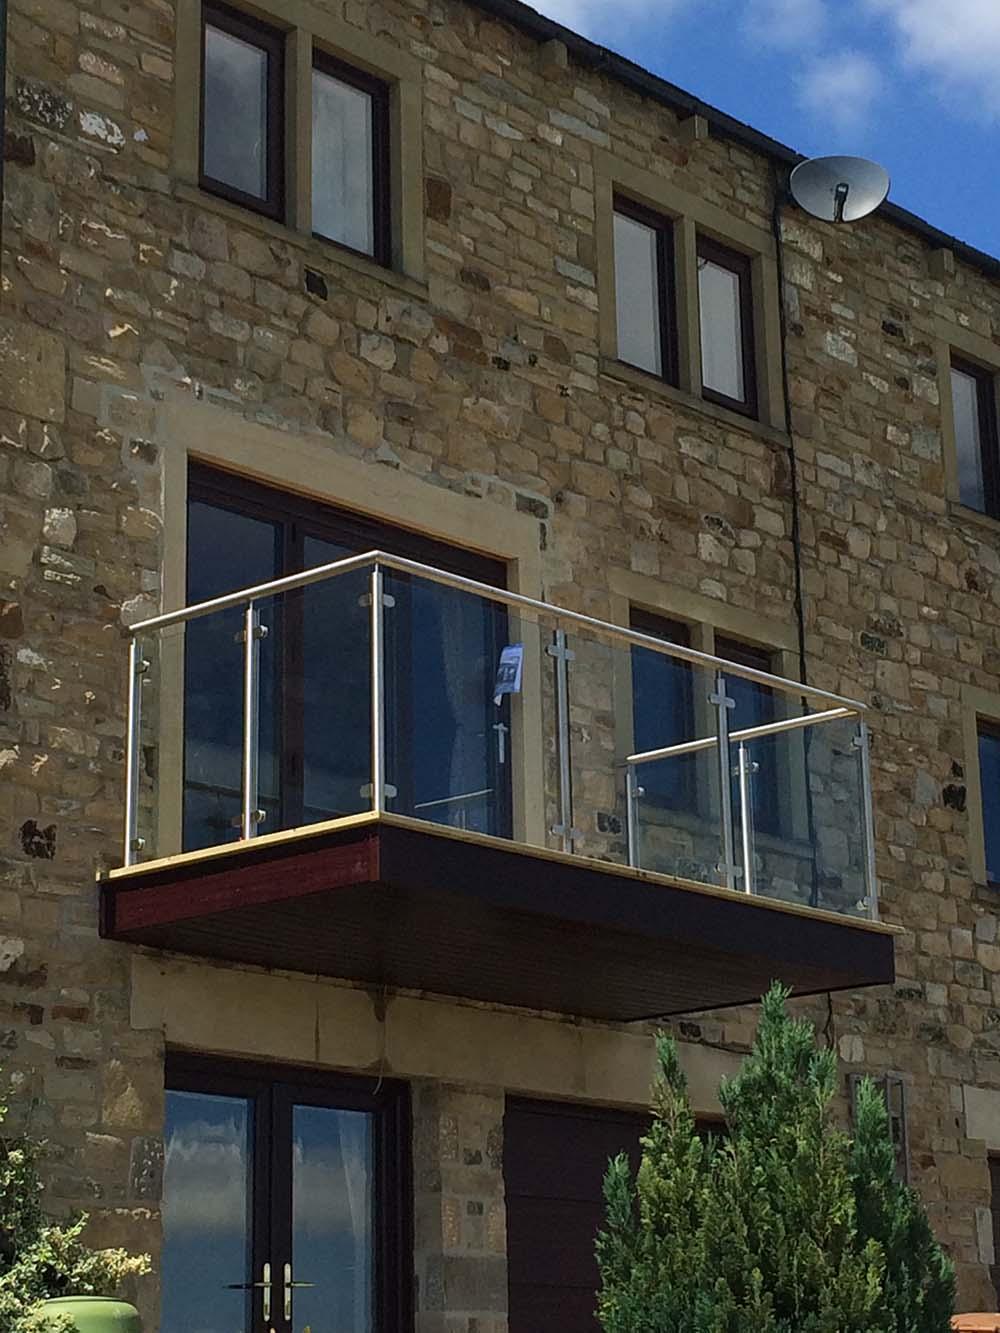 House Balcony in Cononley | Butterfield of Skipton